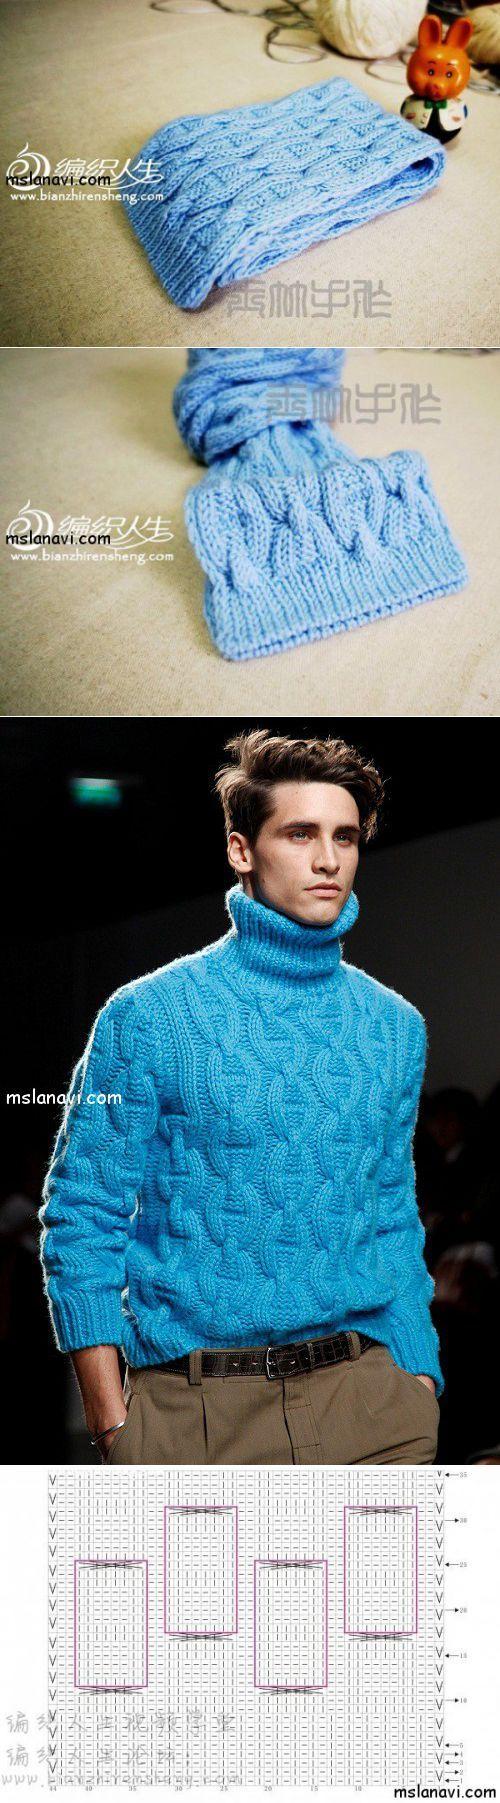 шарф хомут схема вязания спицами цветными нитками